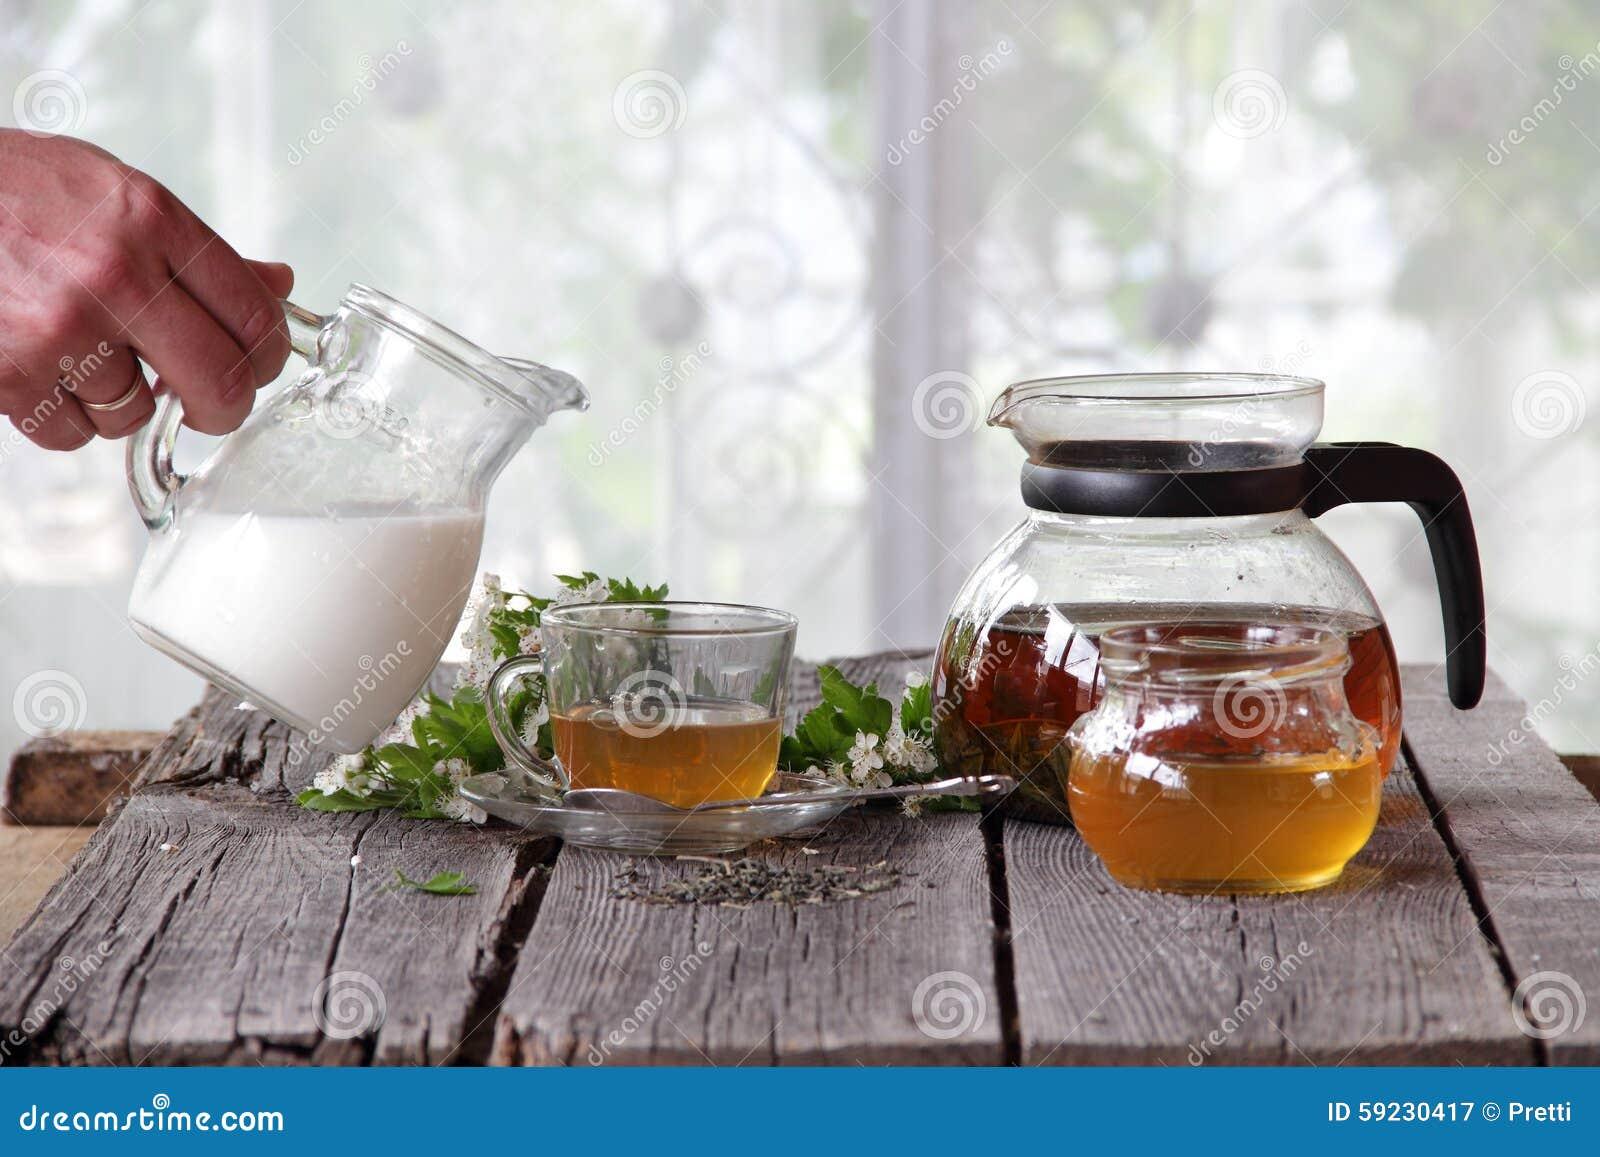 La leche vierte una taza transparente con té